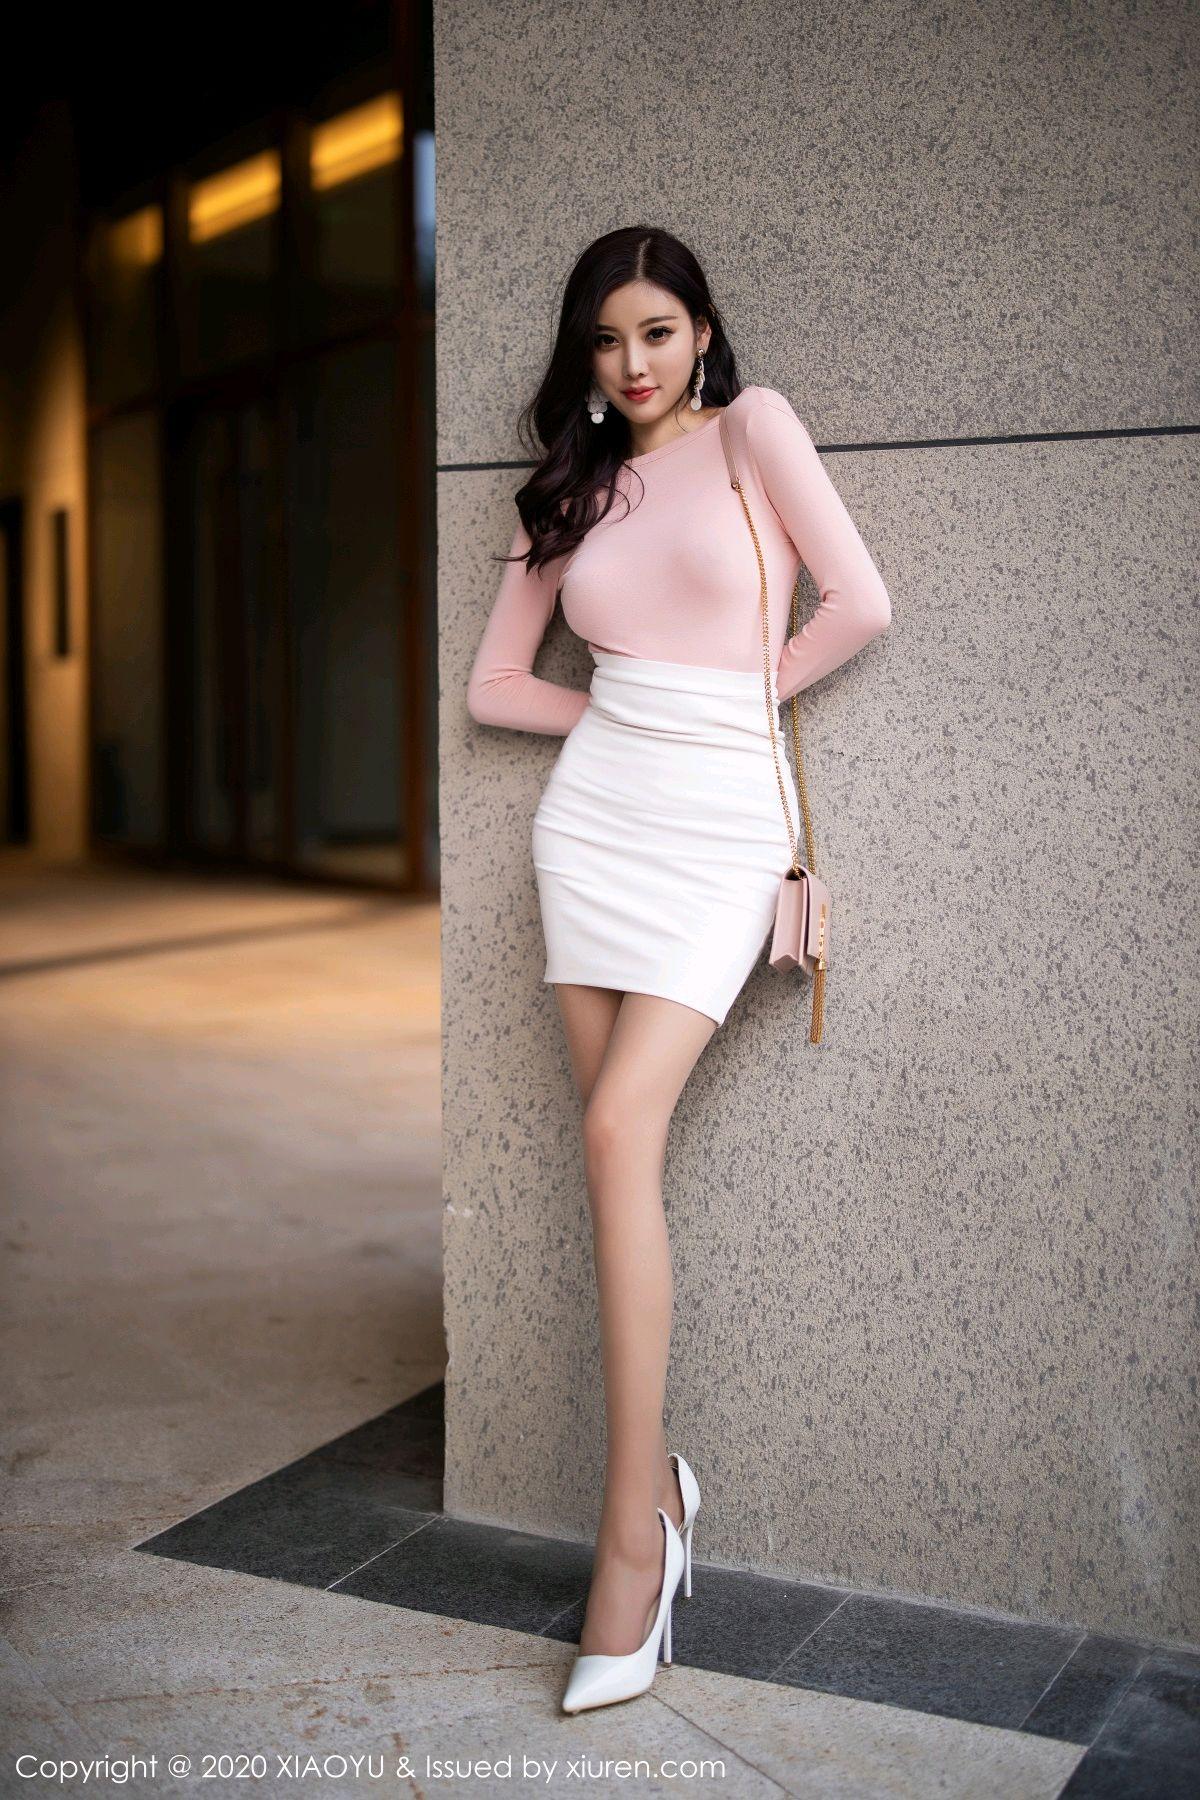 [XiaoYu] Vol.310 Yang Chen Chen 39P, Street, XiaoYu, Yang Chen Chen